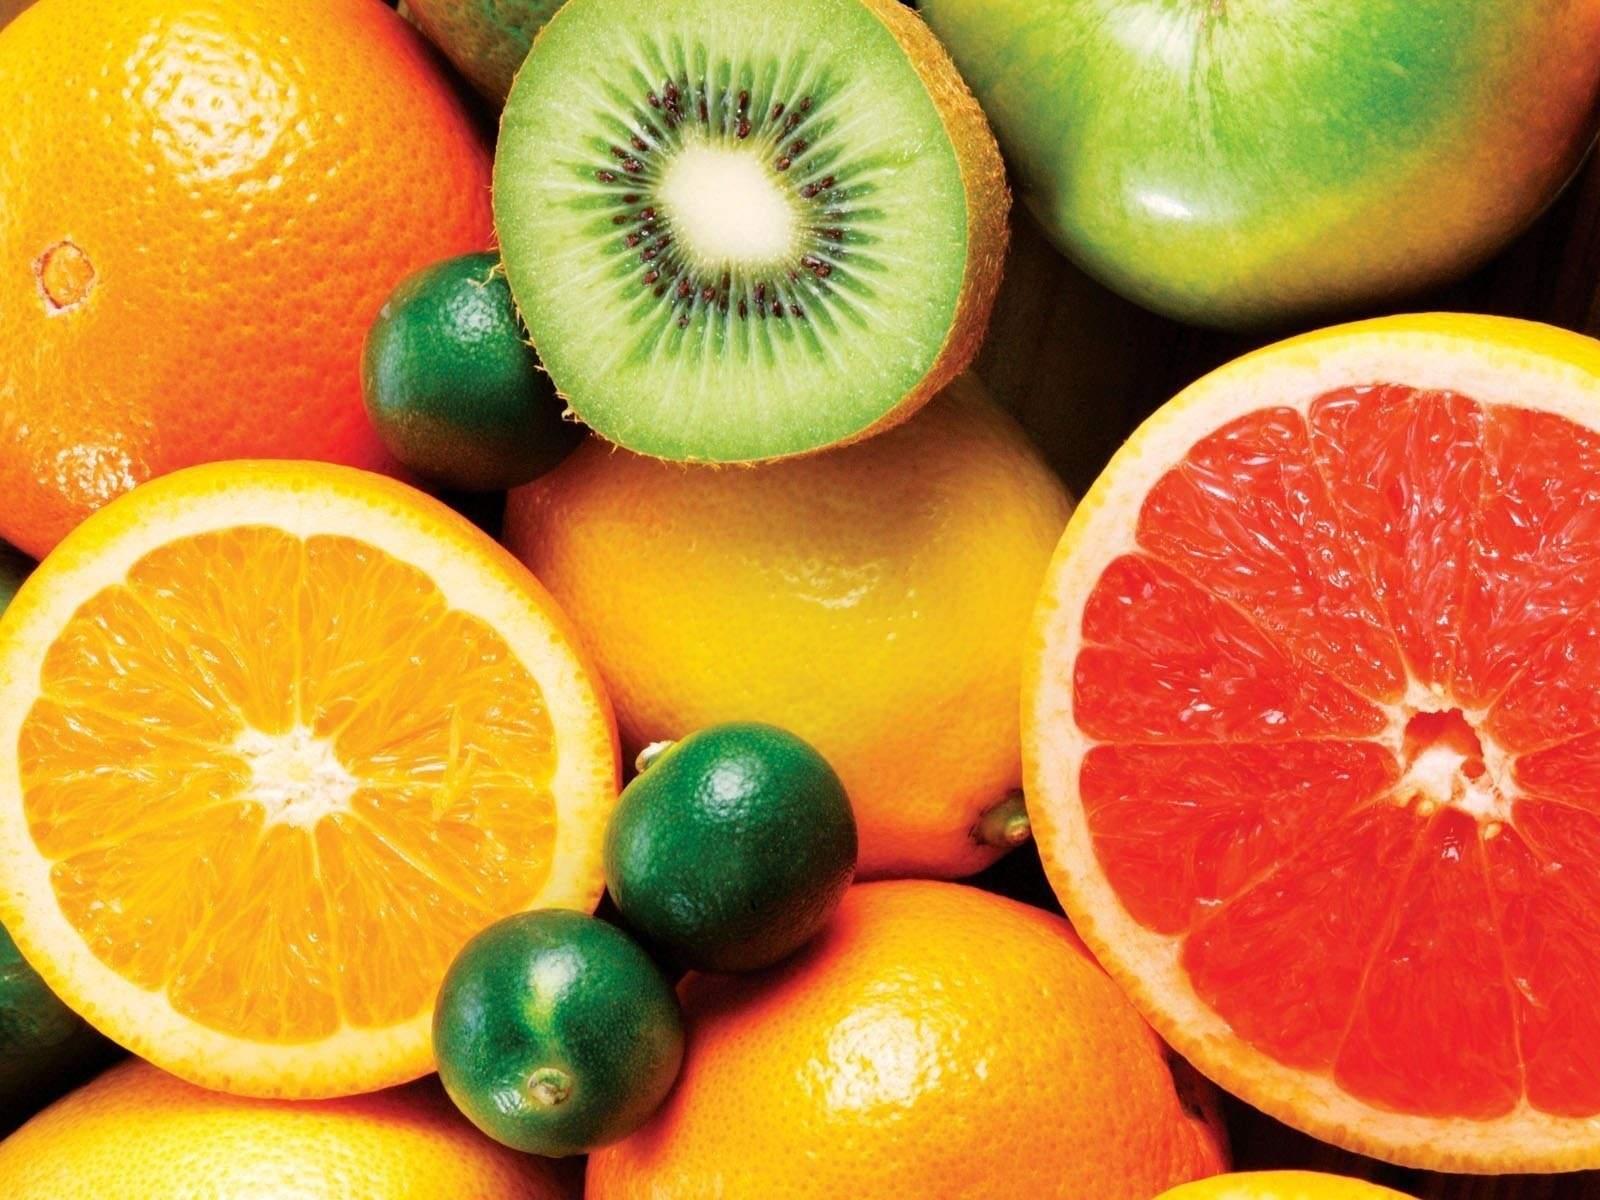 Juicy Fruits Widescreen HD Wallpapers 1600x1022 HD Widescreen 1600x1200